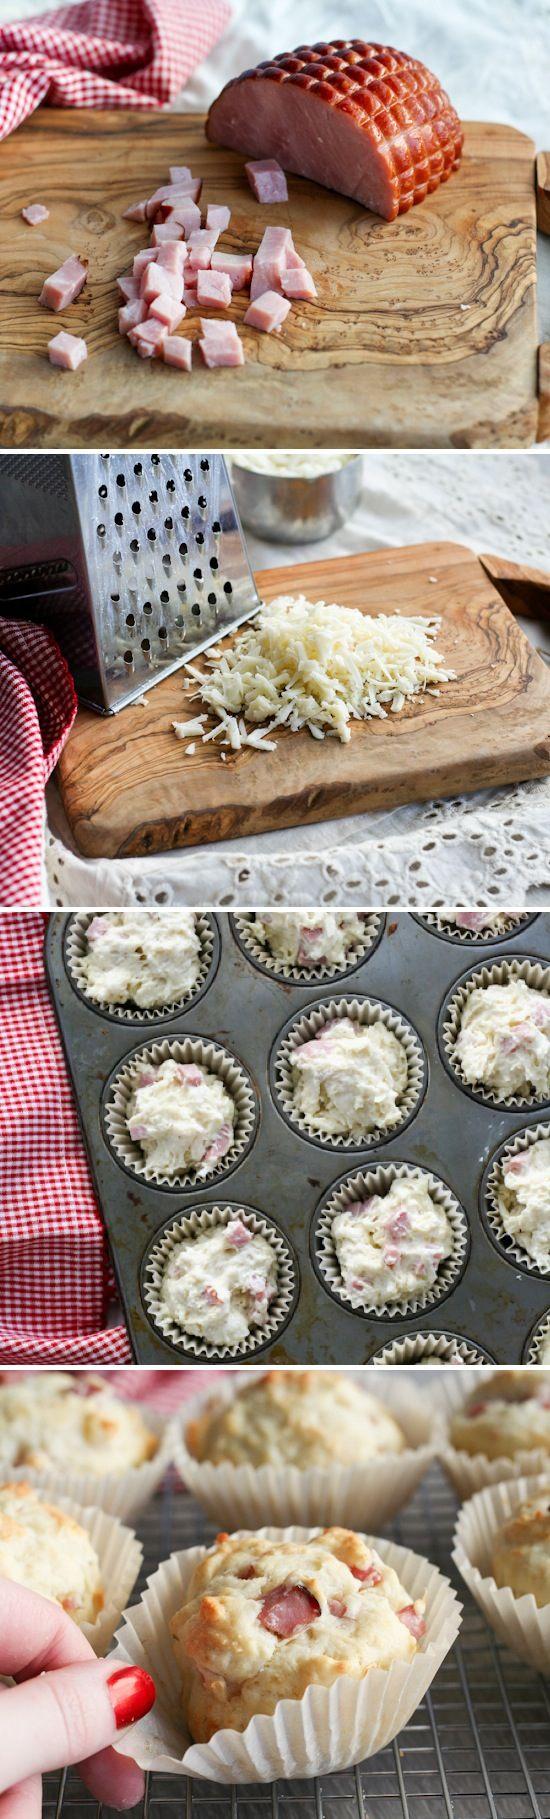 Stephanie's Pork & Swiss Muffins